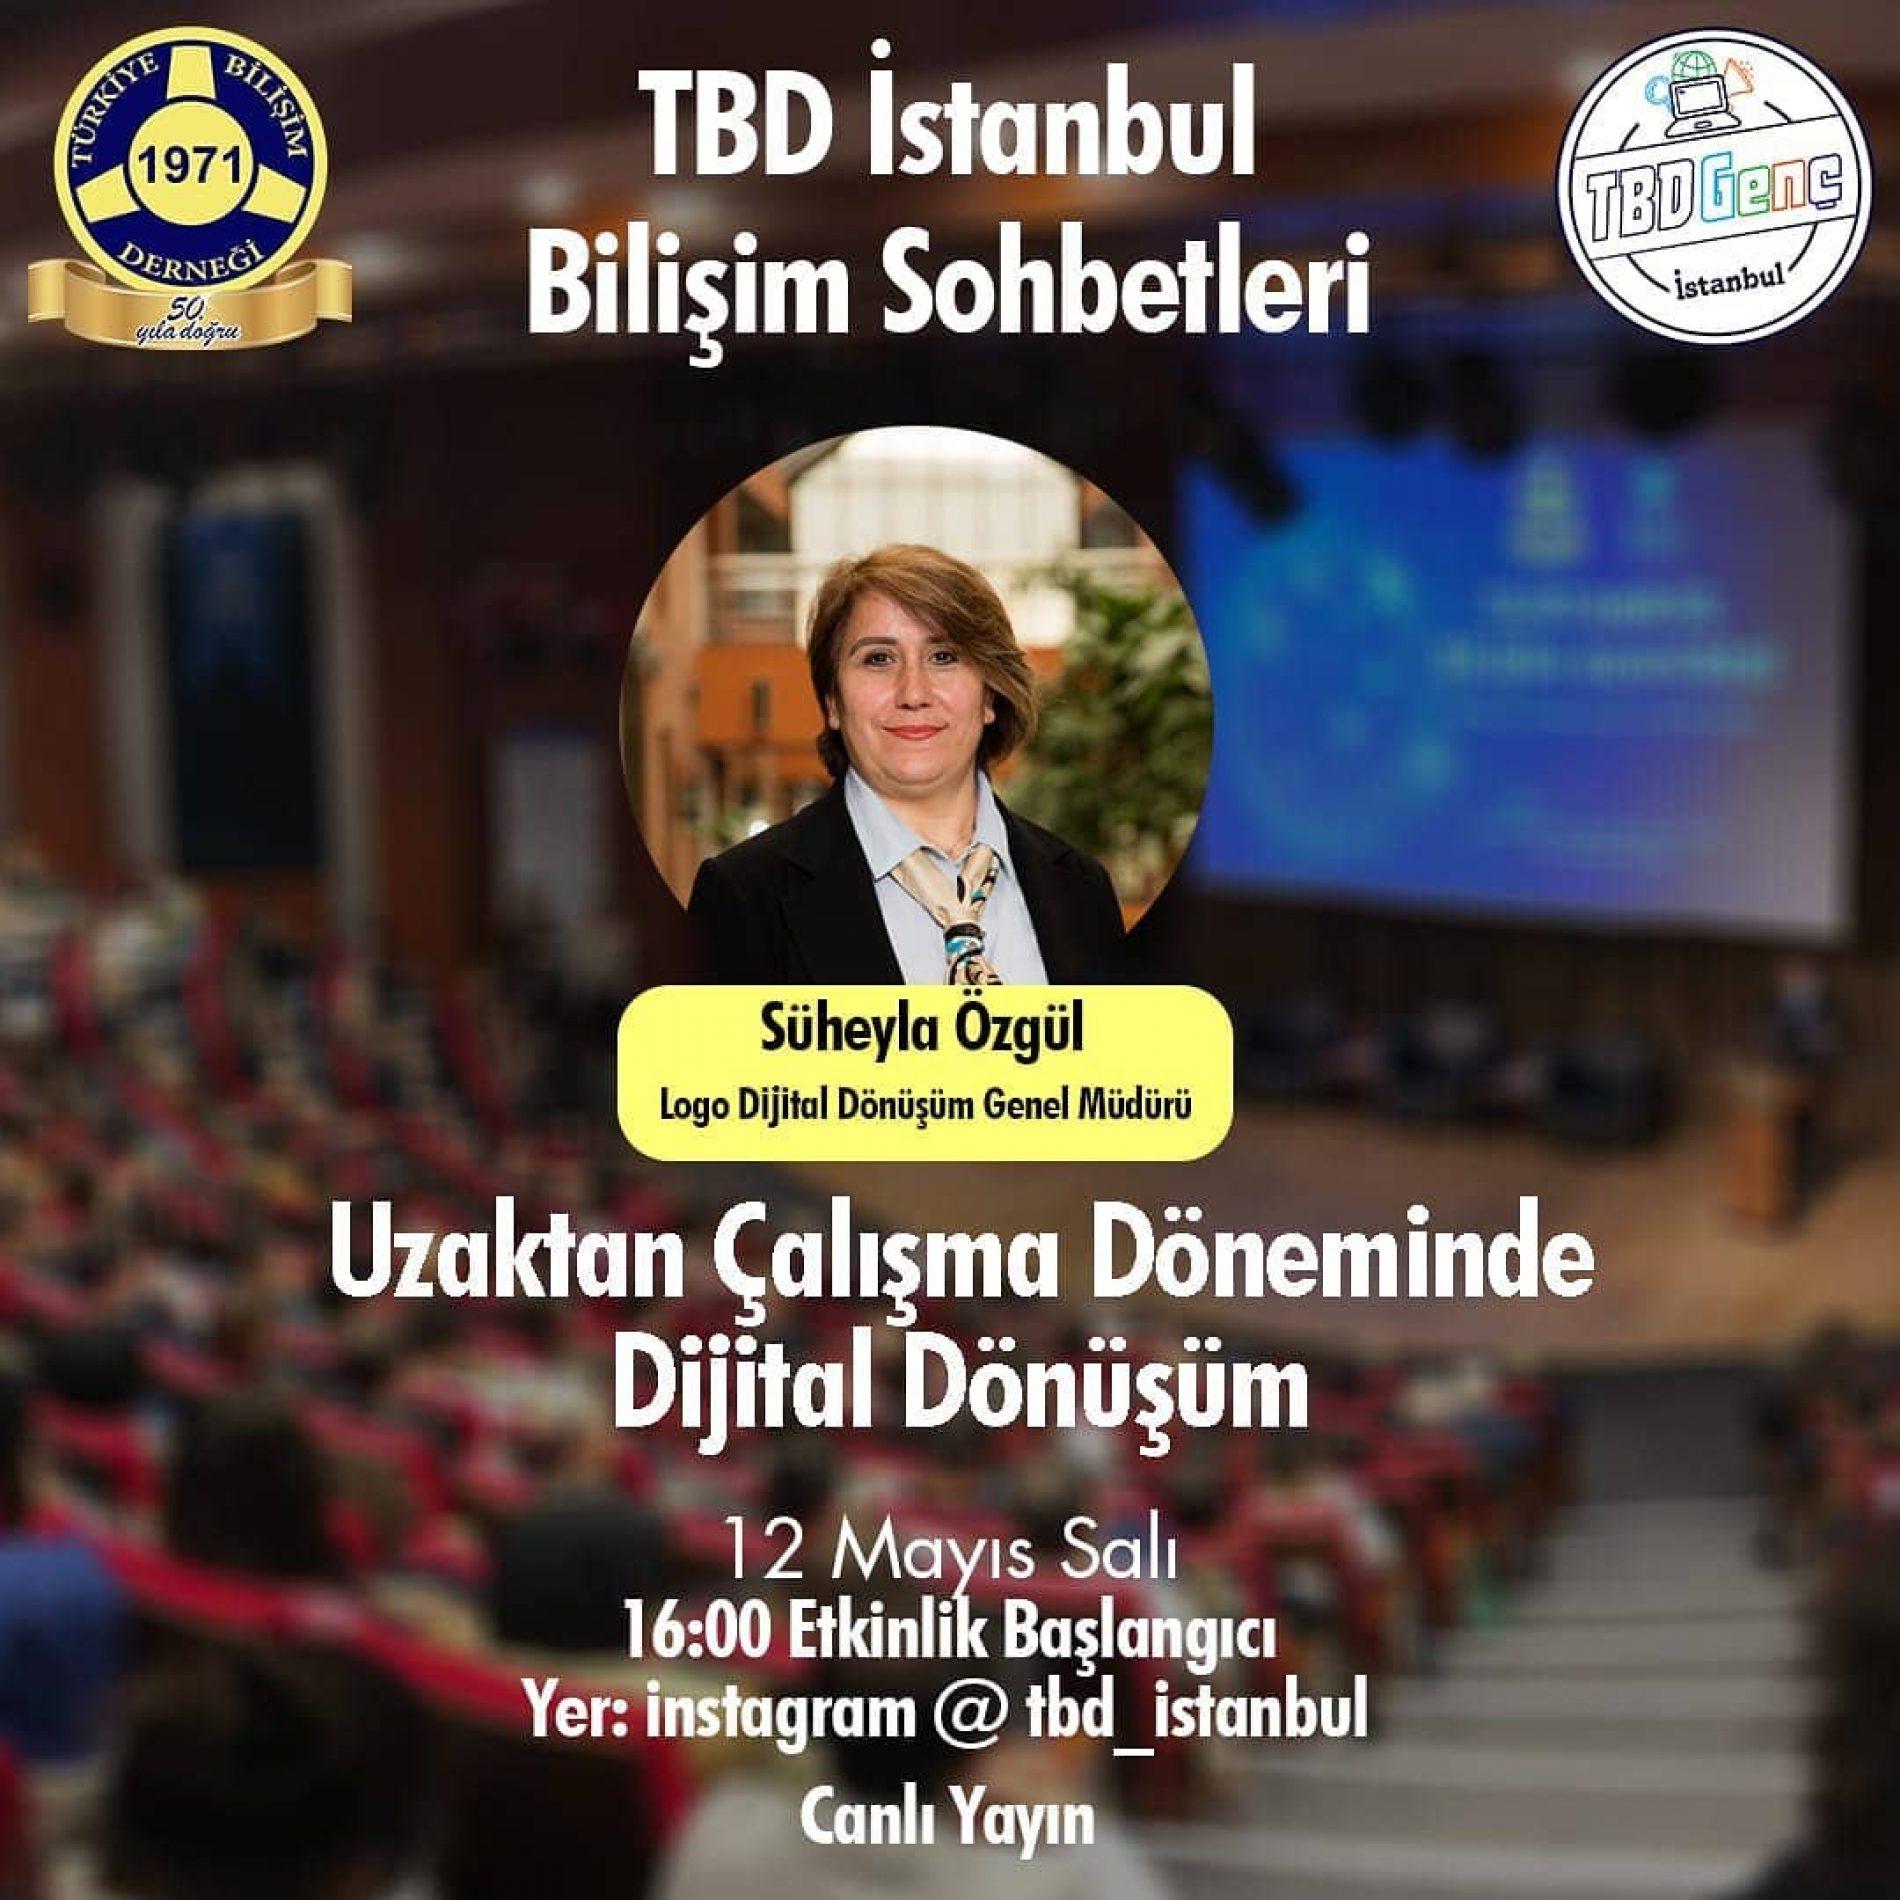 TBD Bilişim Sohbetleri: Uzaktan Çalışma Döneminde Dijital Dönüşüm